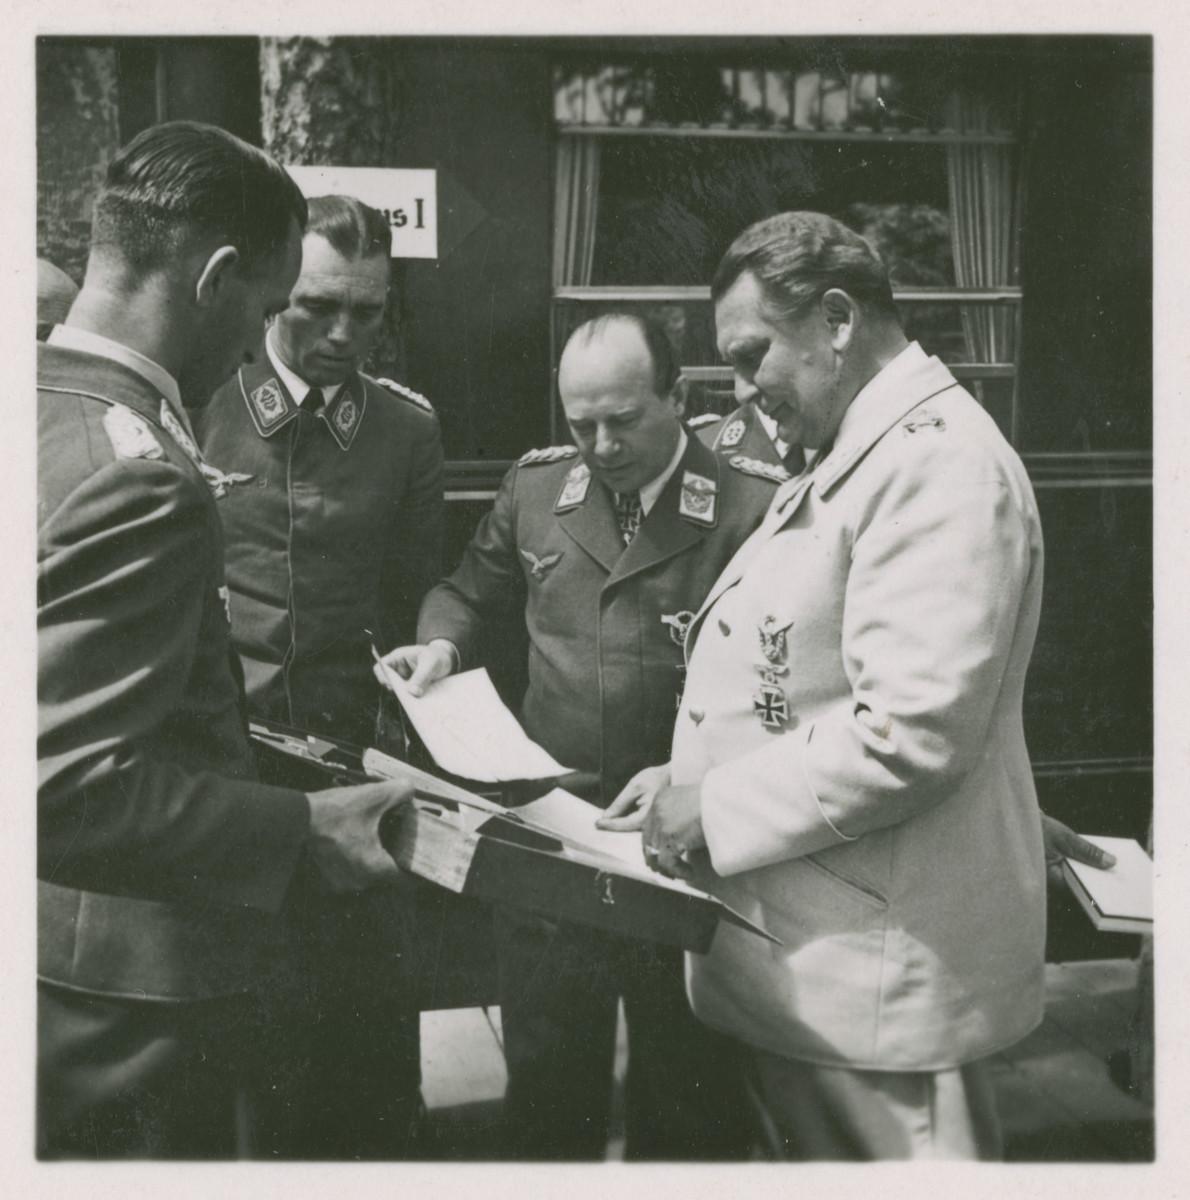 One side of a stereograph of Hermann Goering, Ernst Udet, and other Nazi military officials.   Original caption in German reads:  Der geniale Schöpfer und Oberste Befehlshaber der Luftwaffe, Reichsmarschall Herman Göring, mit Generaloberst Udet